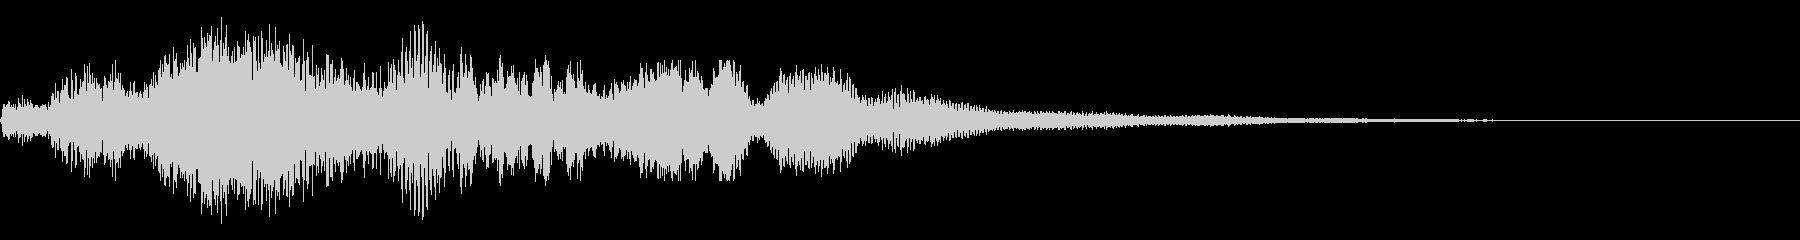 DJ,ラジオ,映像,クリエイター様に22の未再生の波形